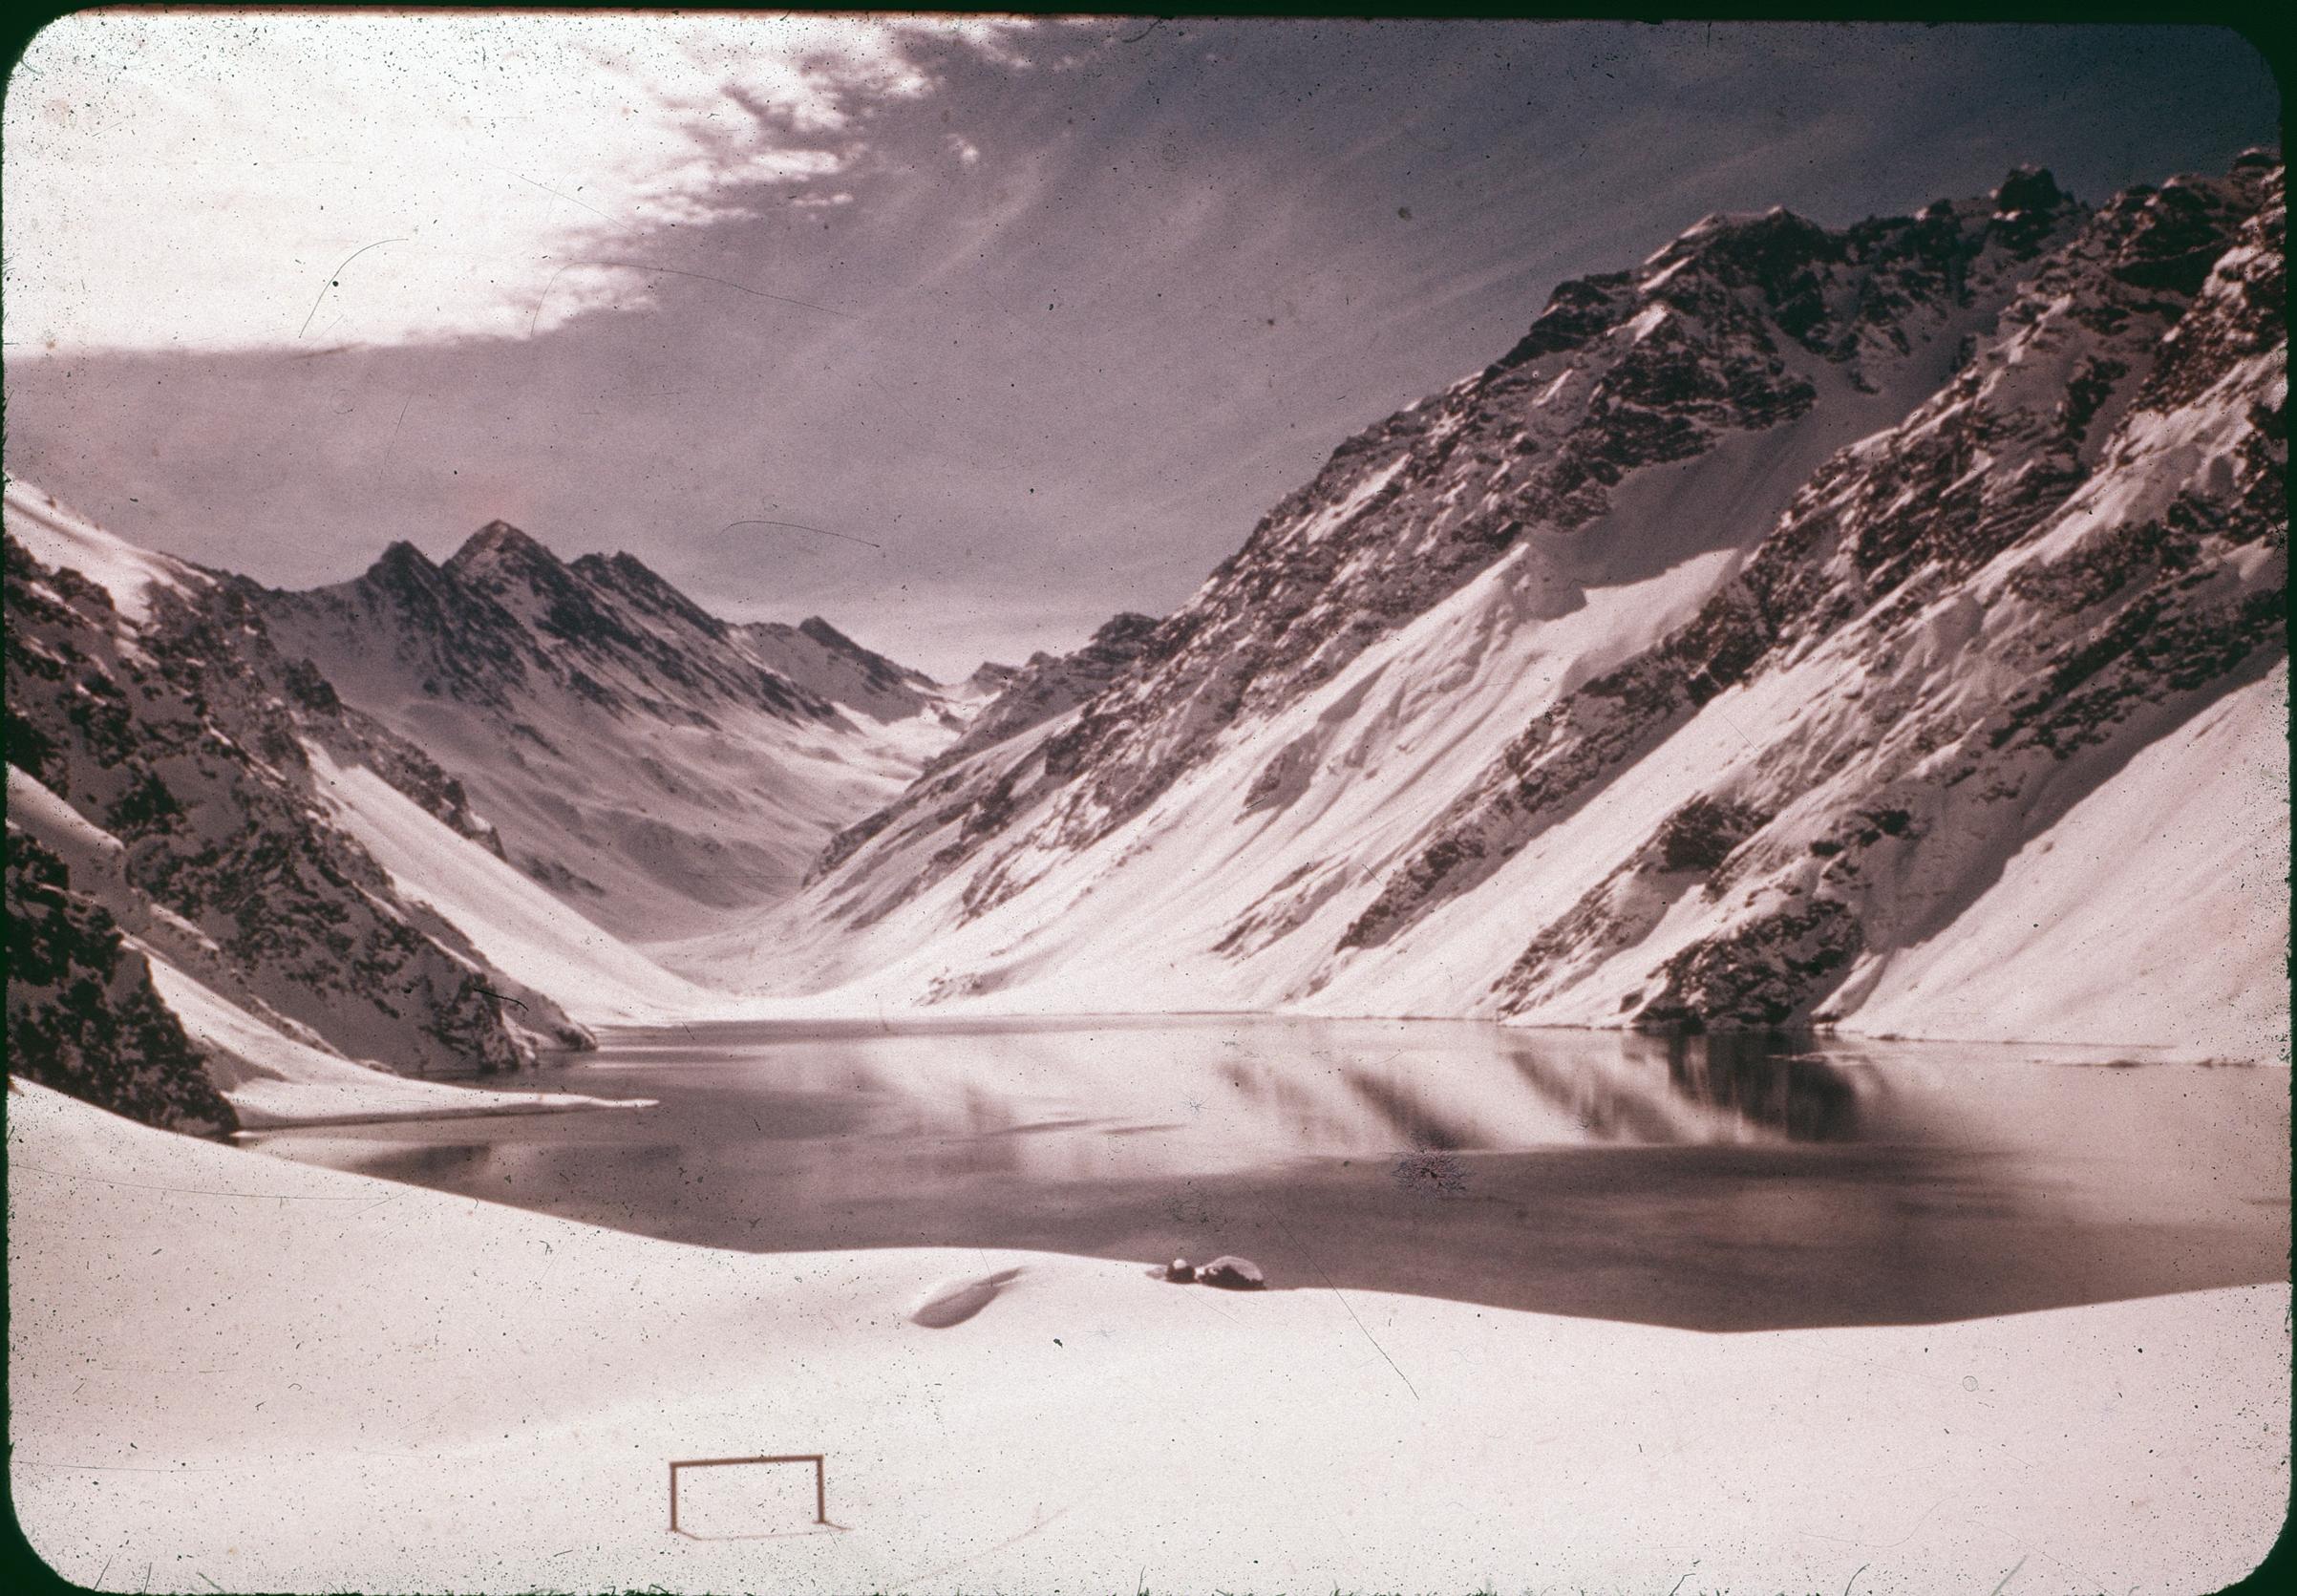 Enterreno - Fotos históricas de chile - fotos antiguas de Chile - Laguna del Inca, Potillo. Años 60